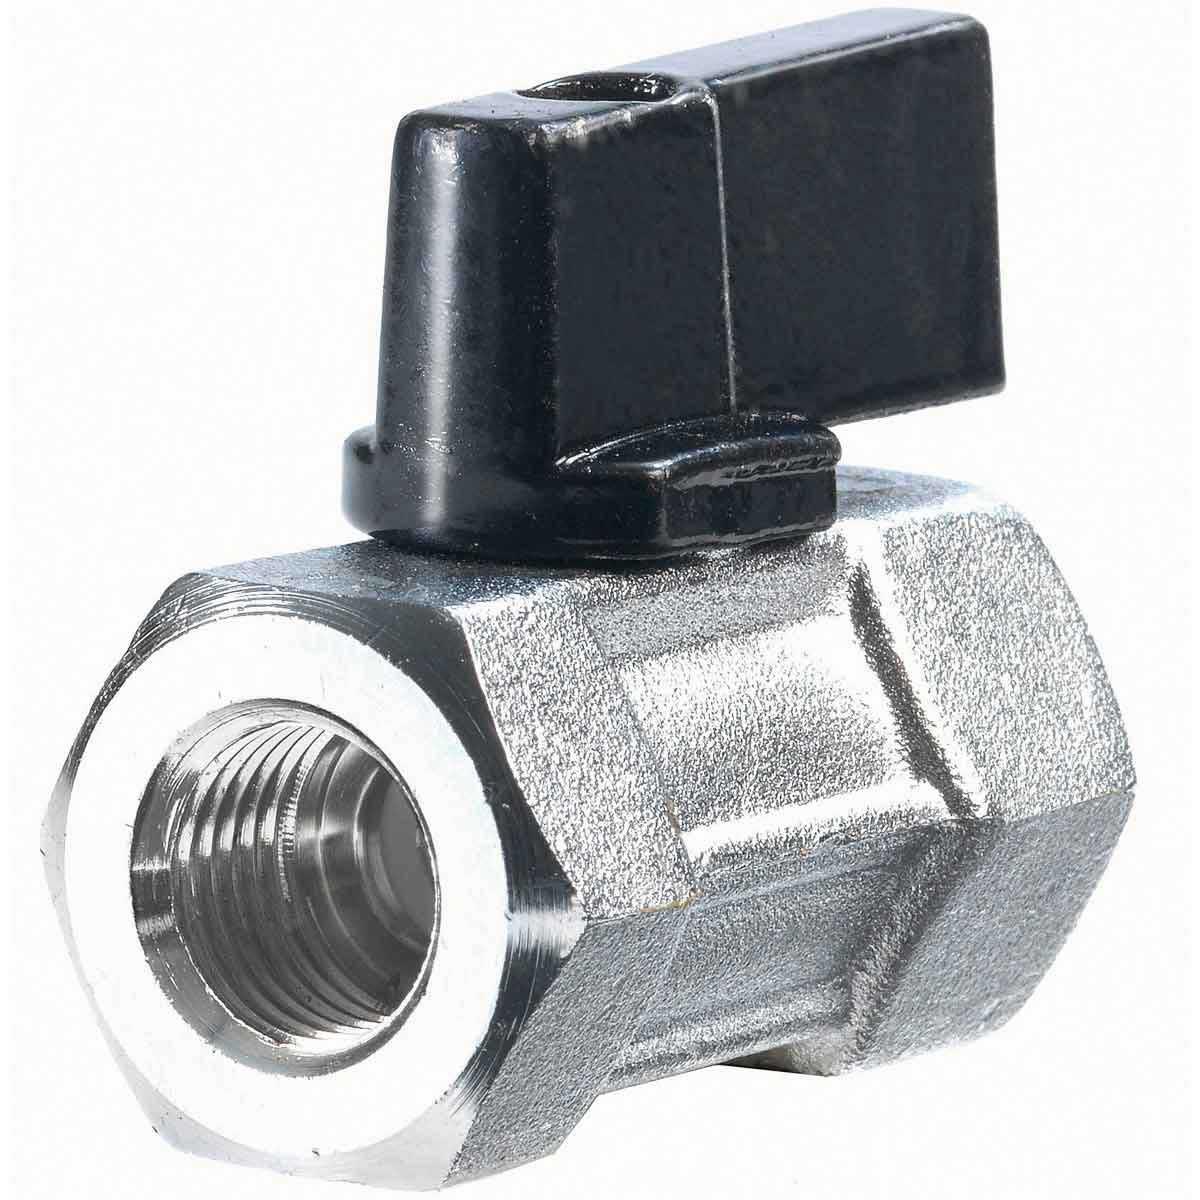 Husqvarna K3000 water valve